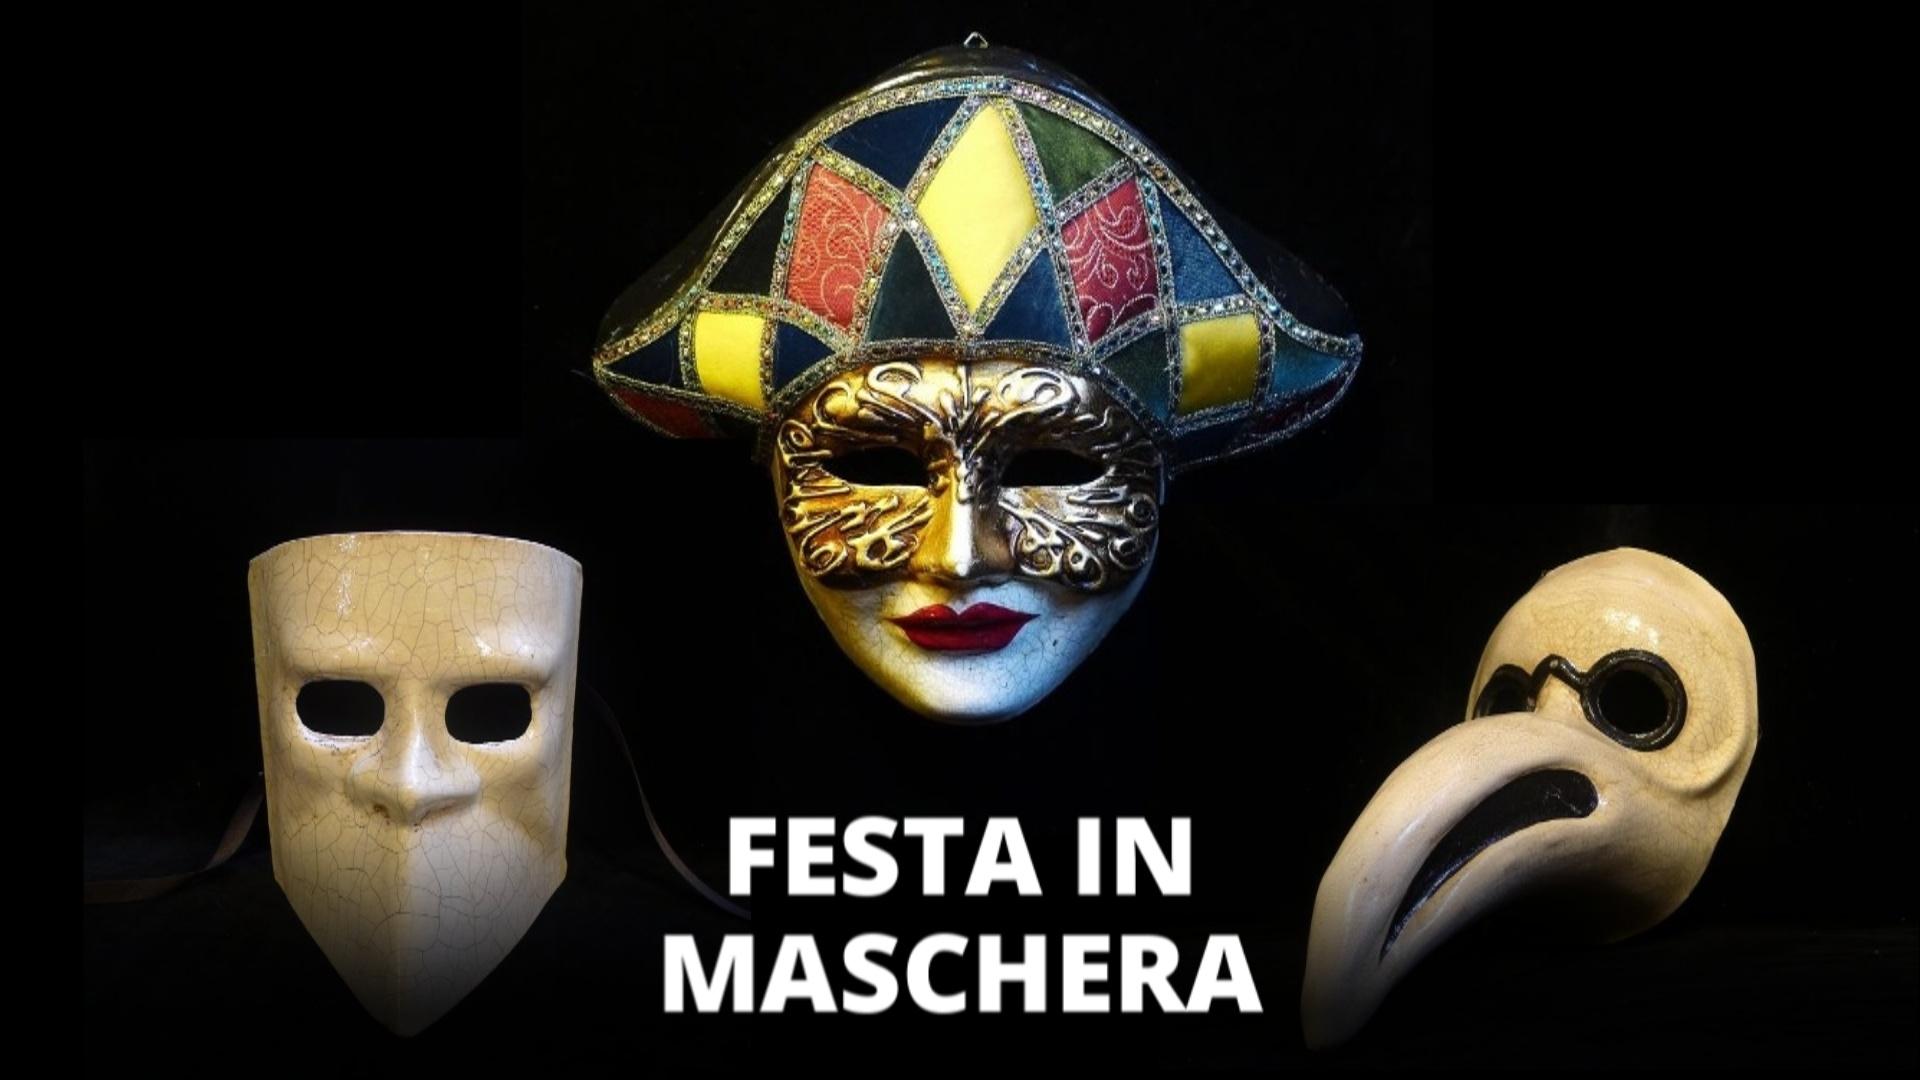 Arlecchino e la Bauta: la storia dietro le maschere